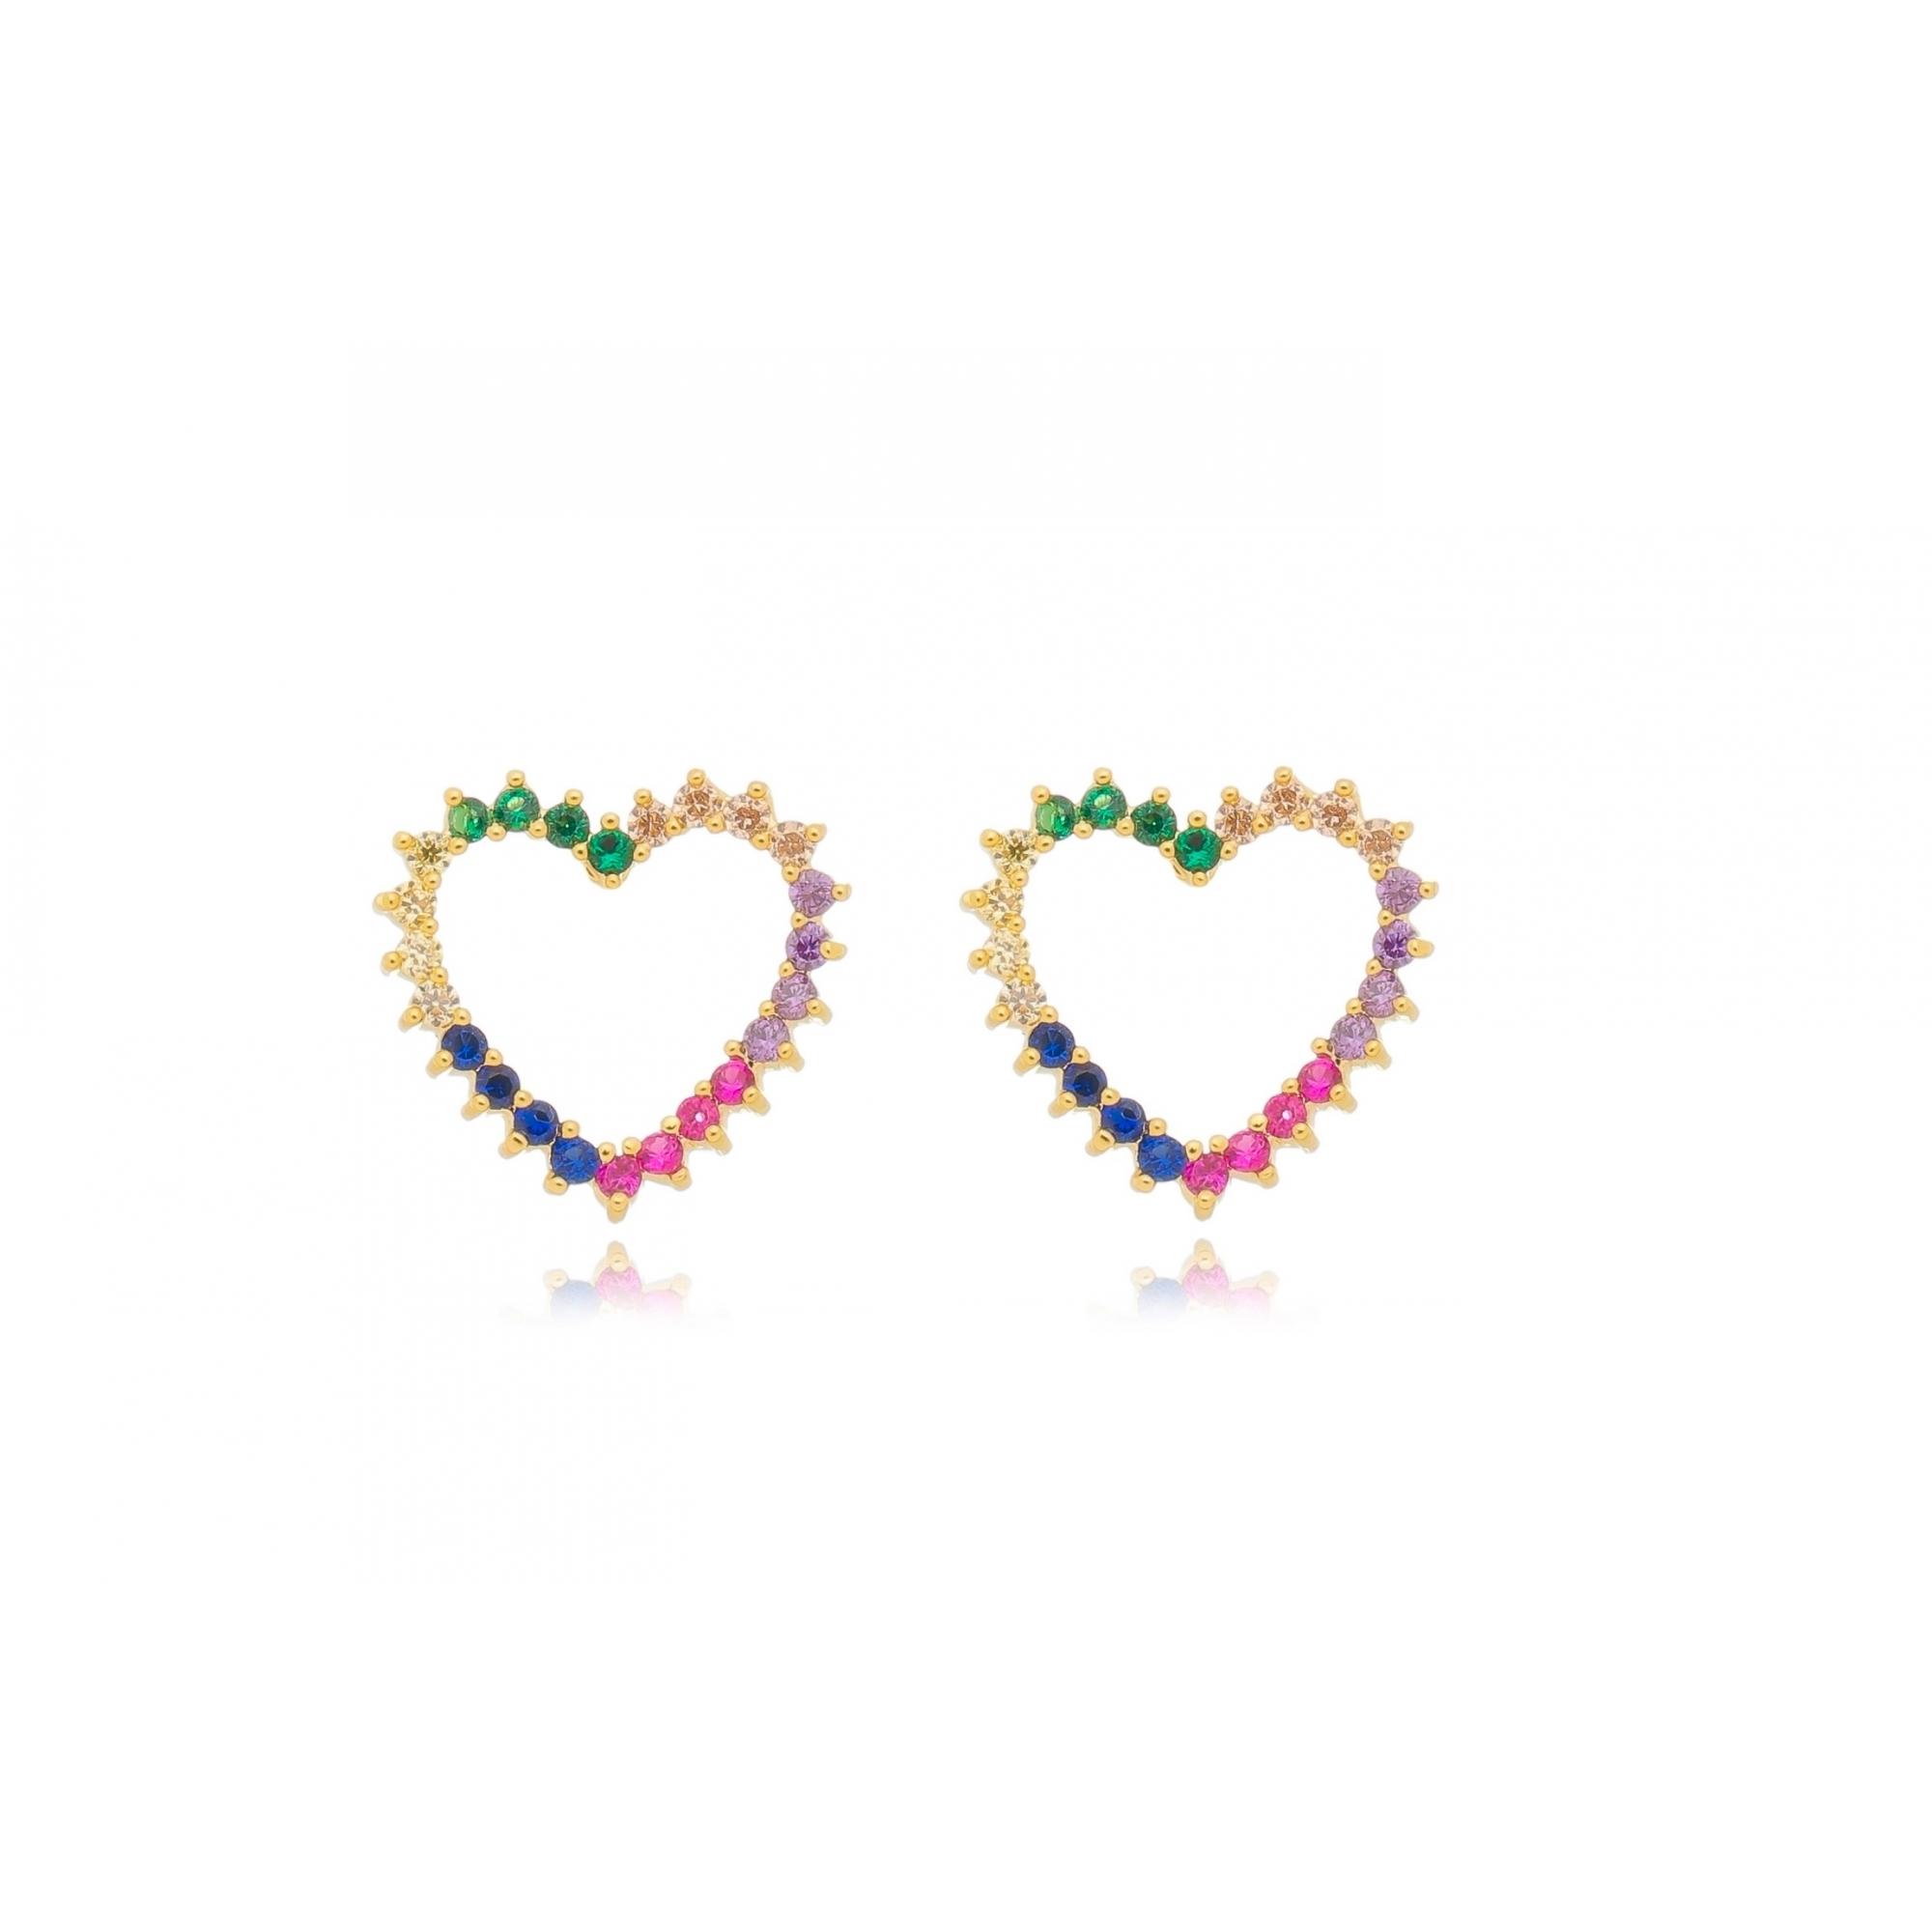 Brinco coração 11mm vazado zircônias color